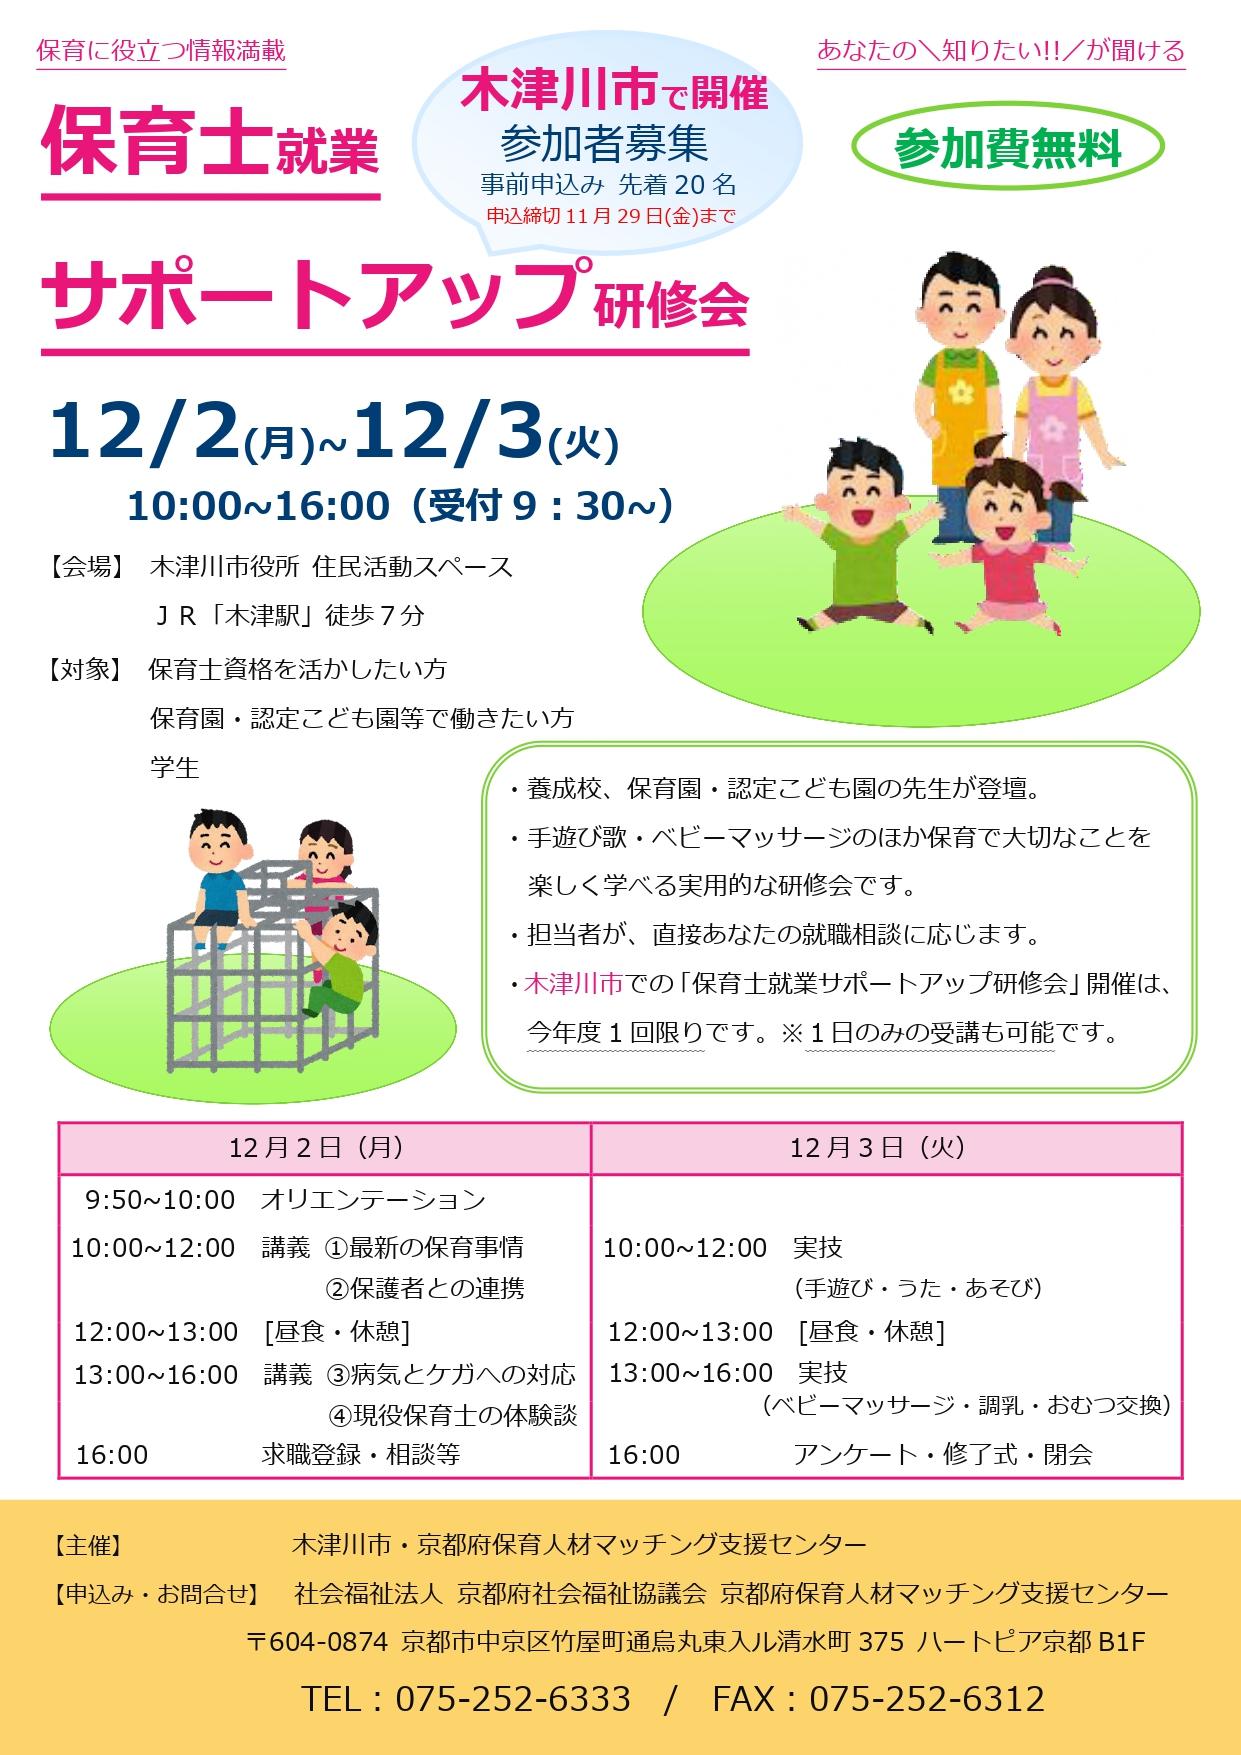 保育士就業サポートアップ研修会 (木津川市で開催)